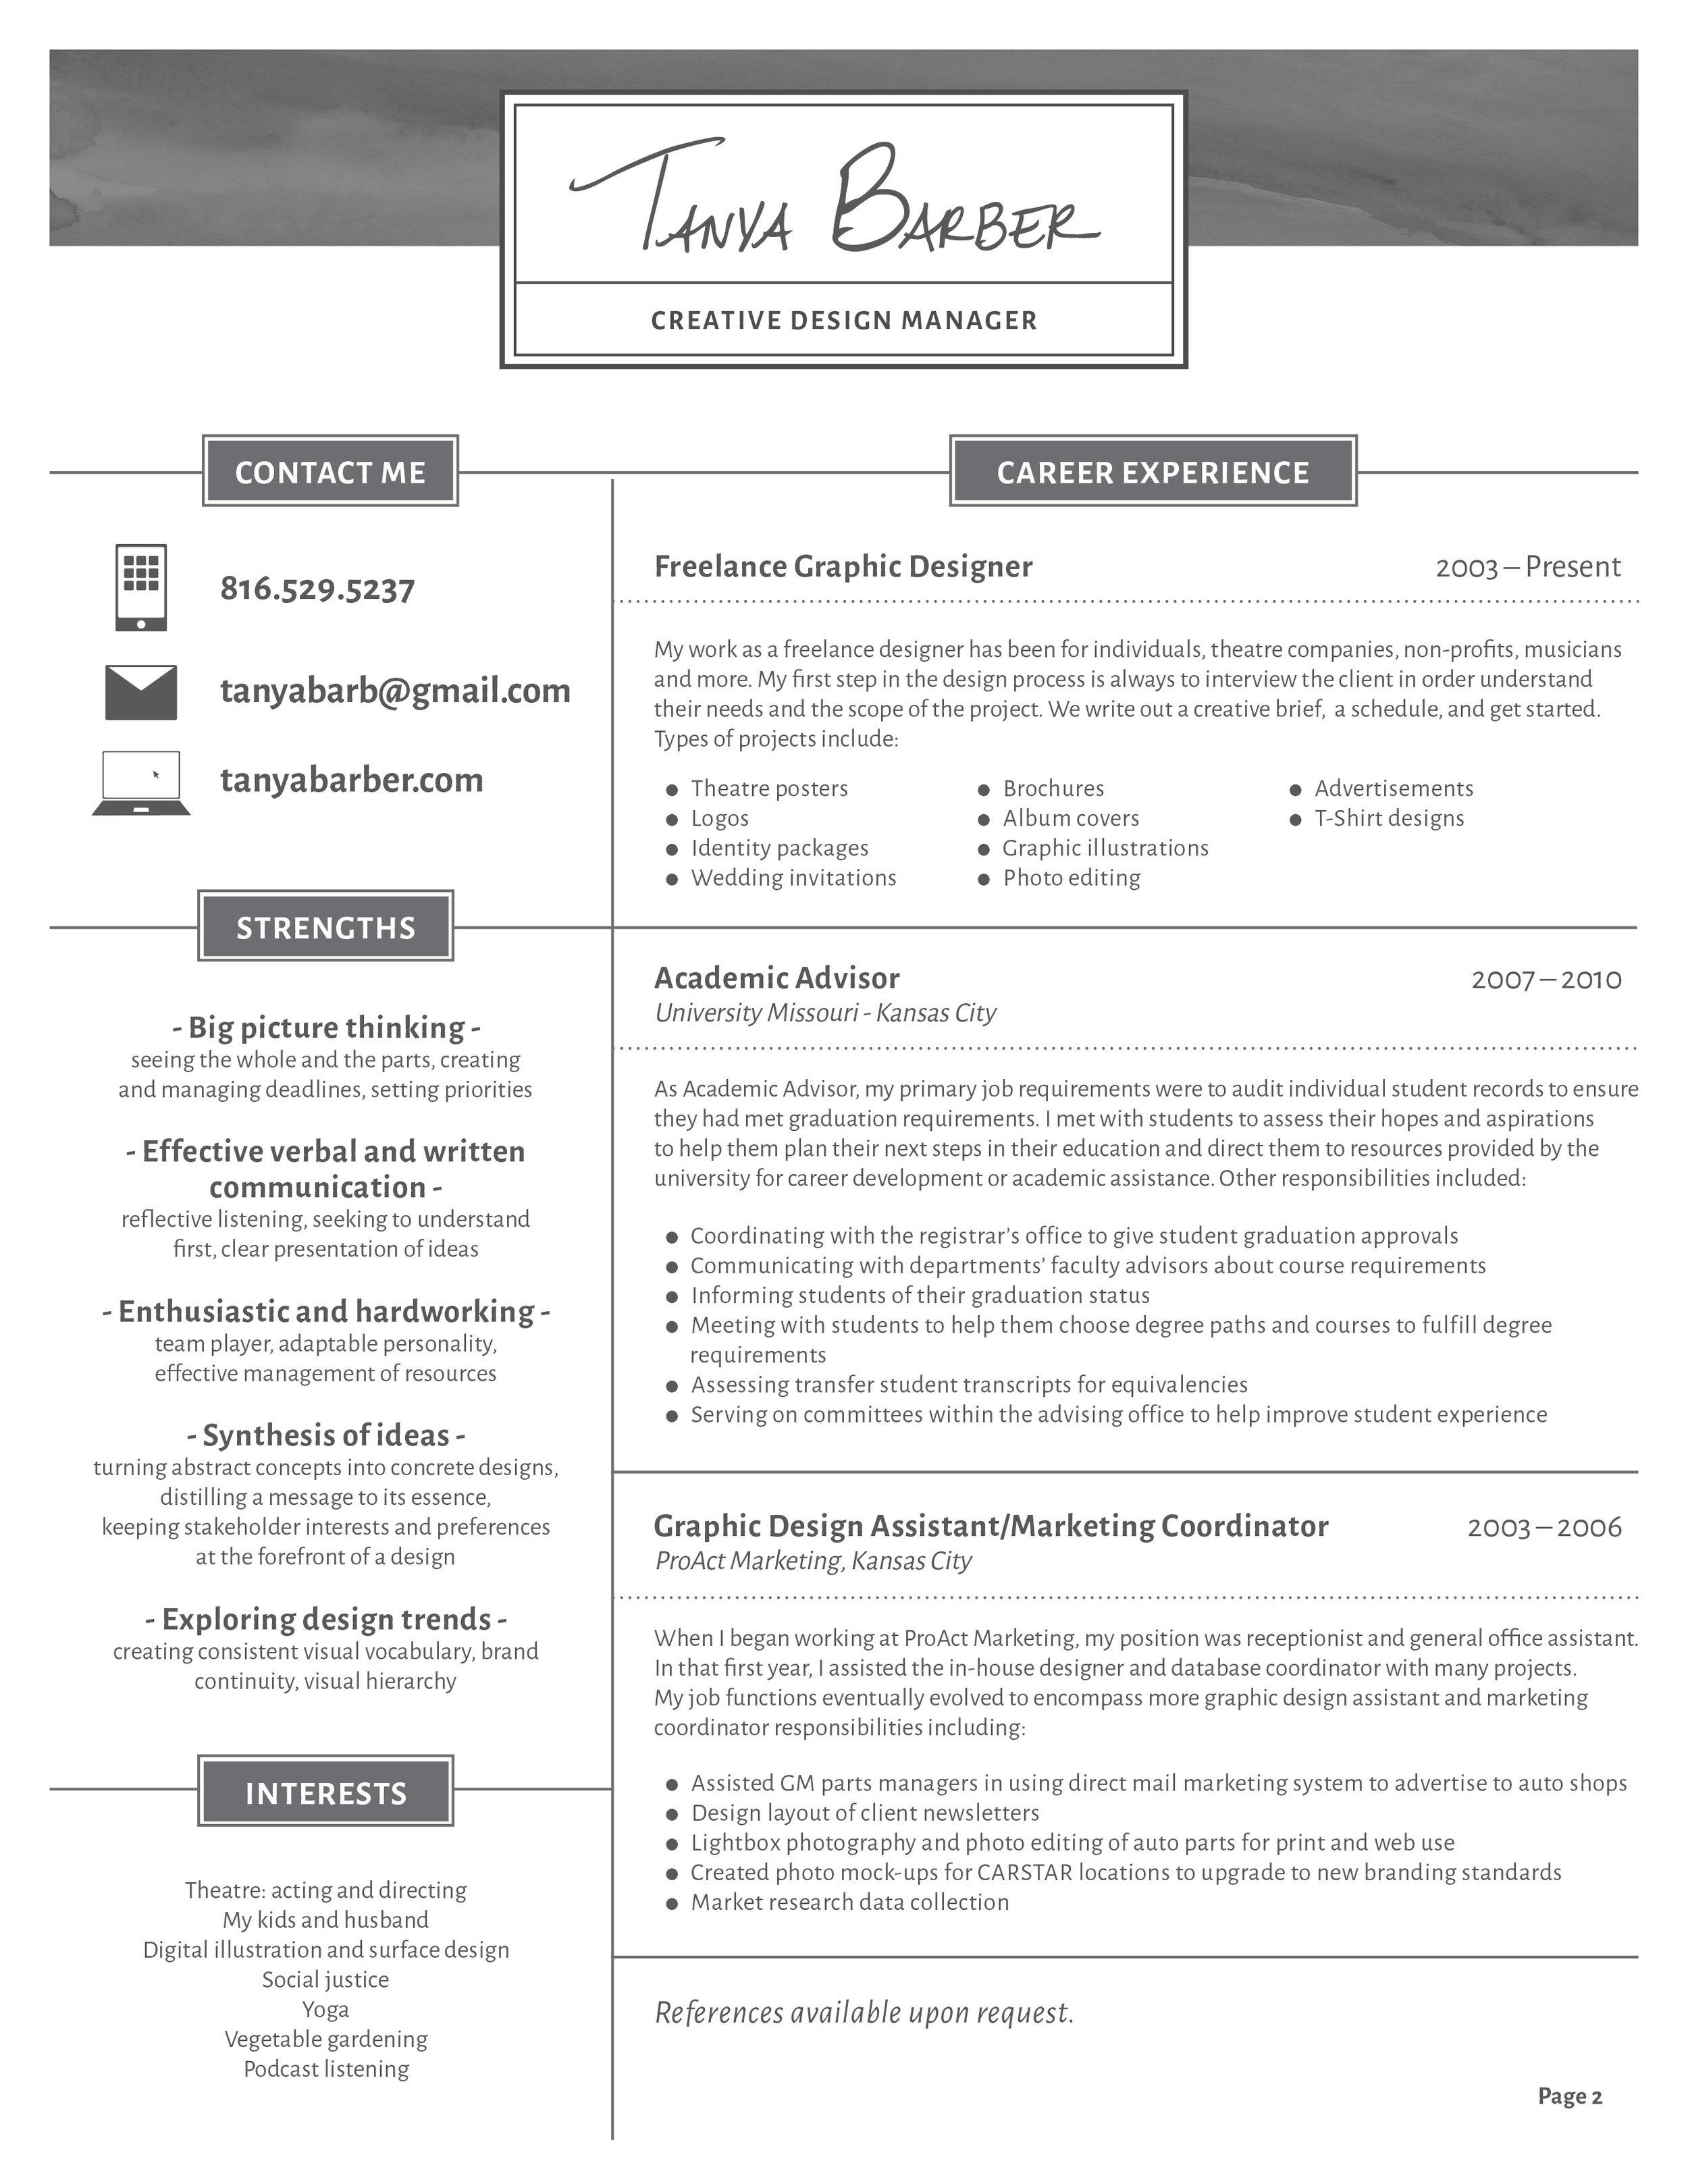 Resume_June20192.jpg